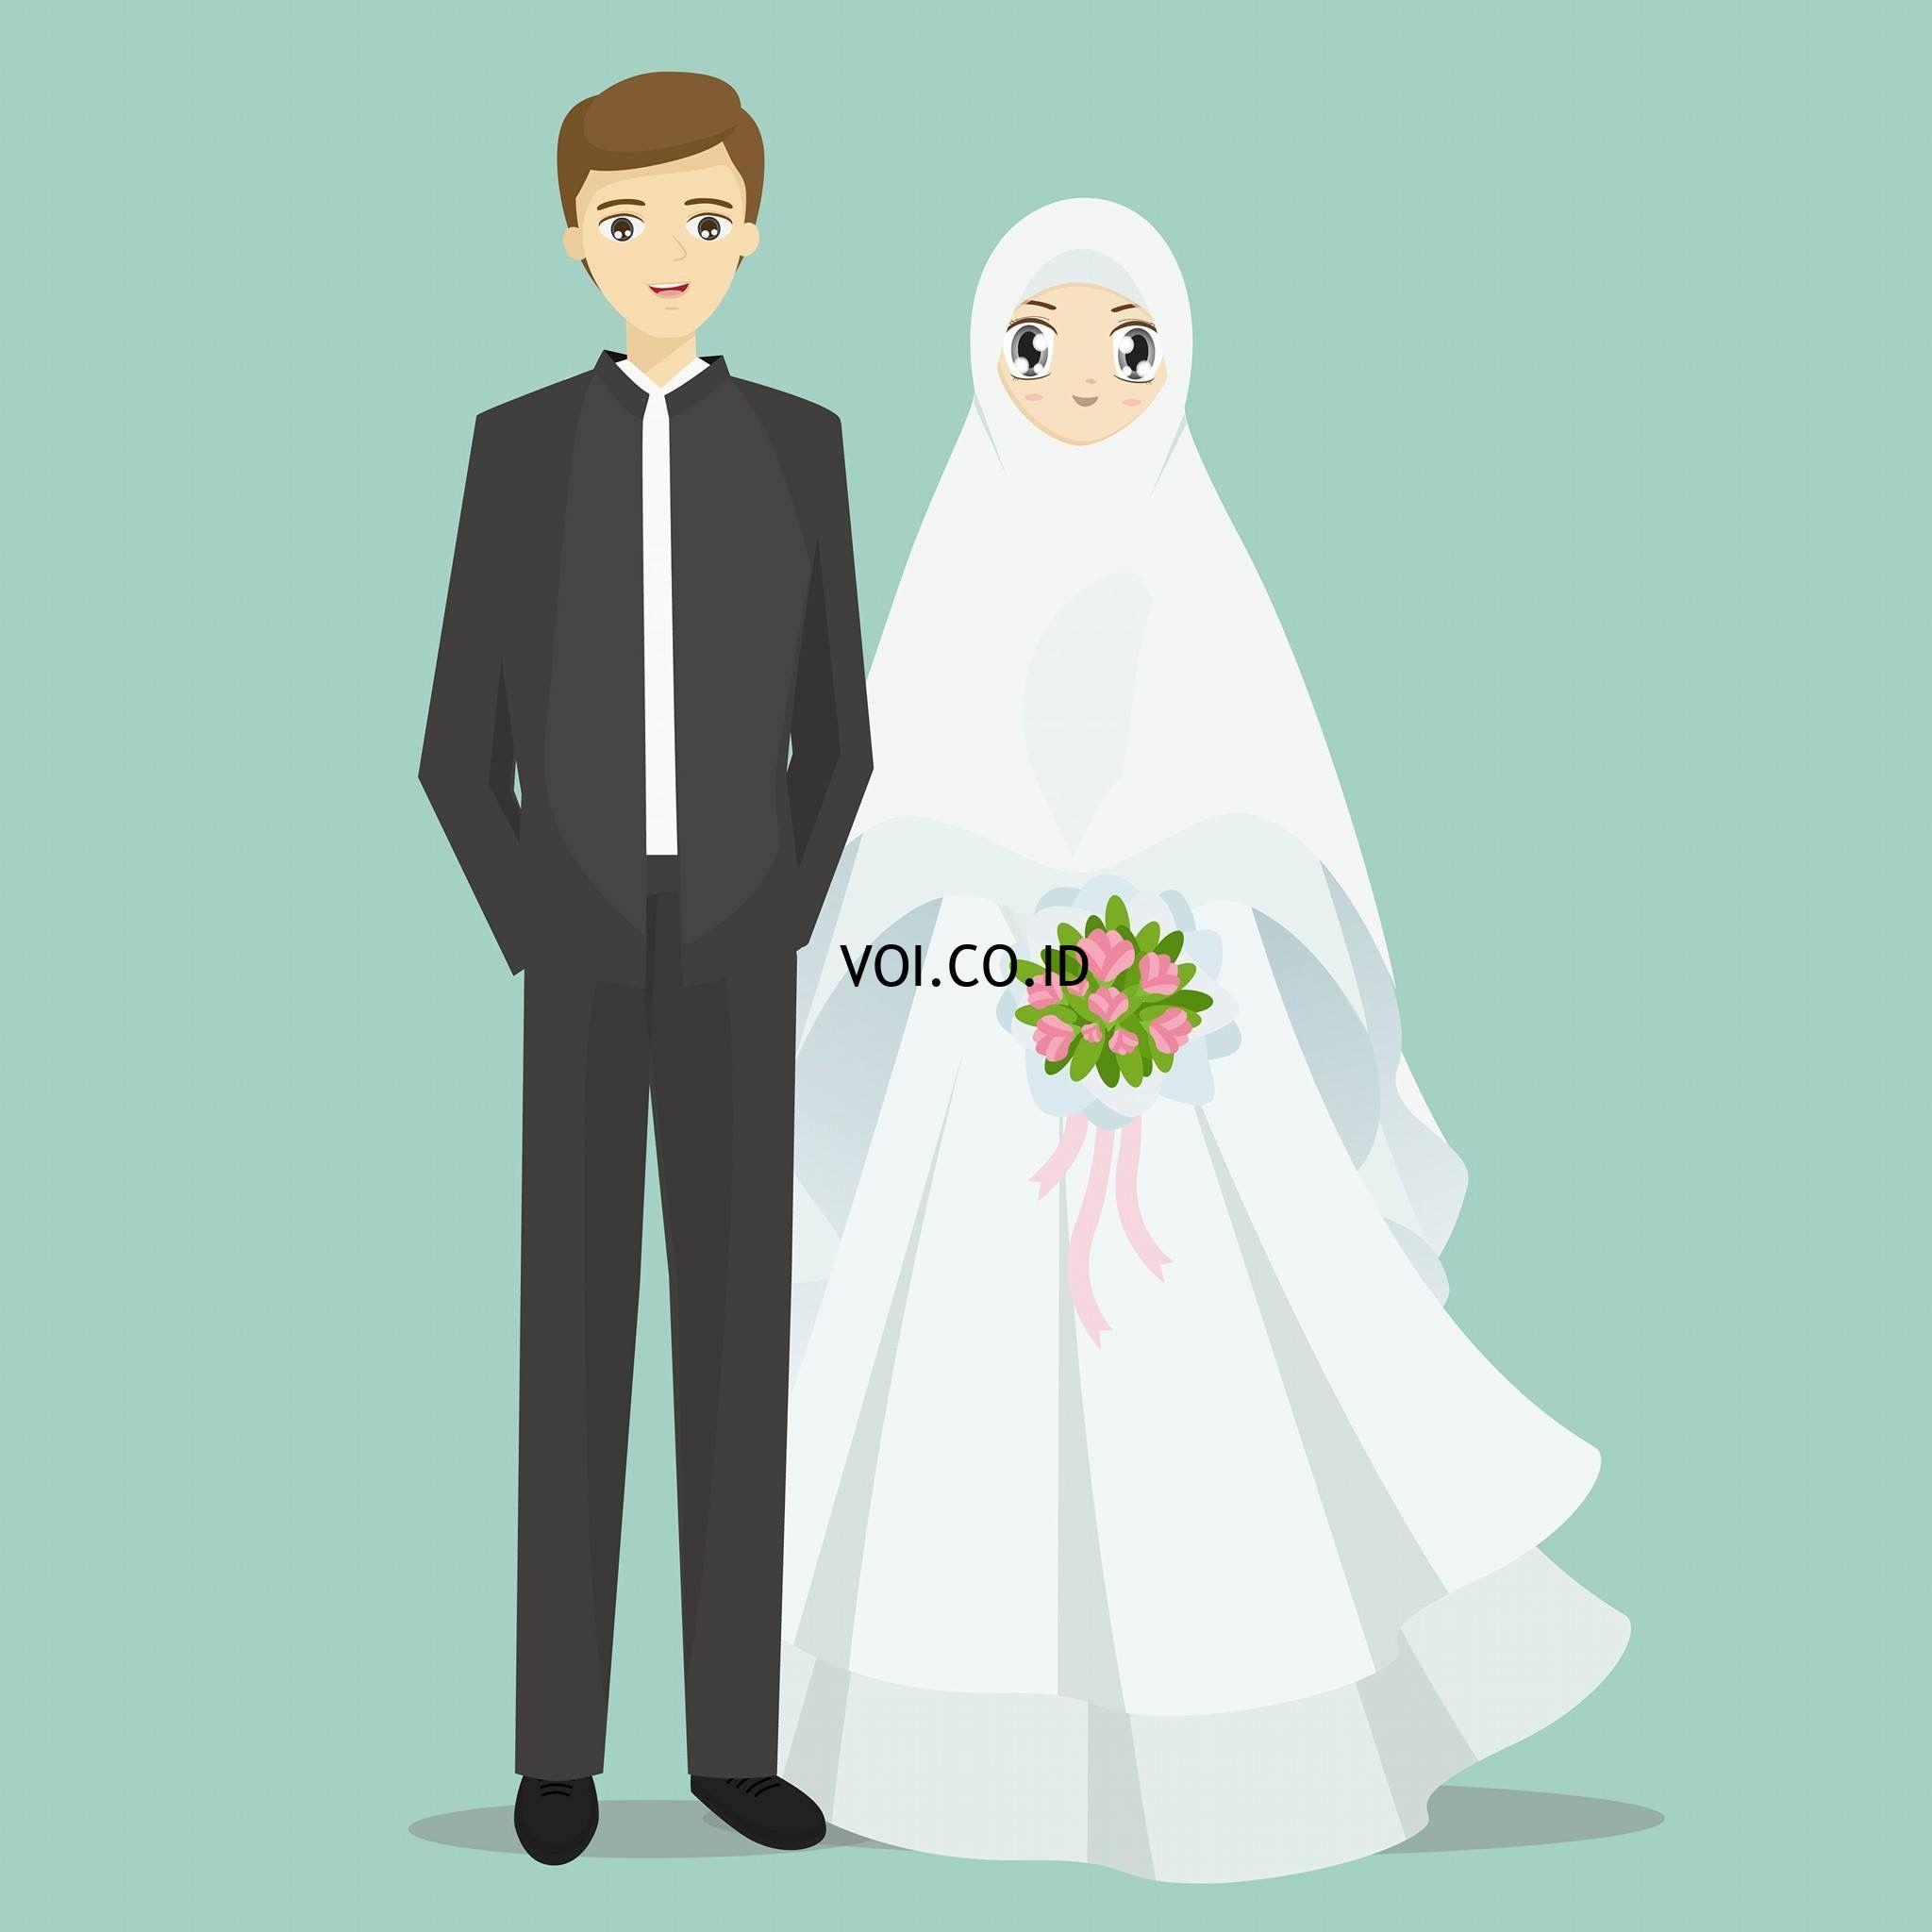 43 Ucapan Selamat Menikah Simple Untuk Sahabat, Islami, Lucu